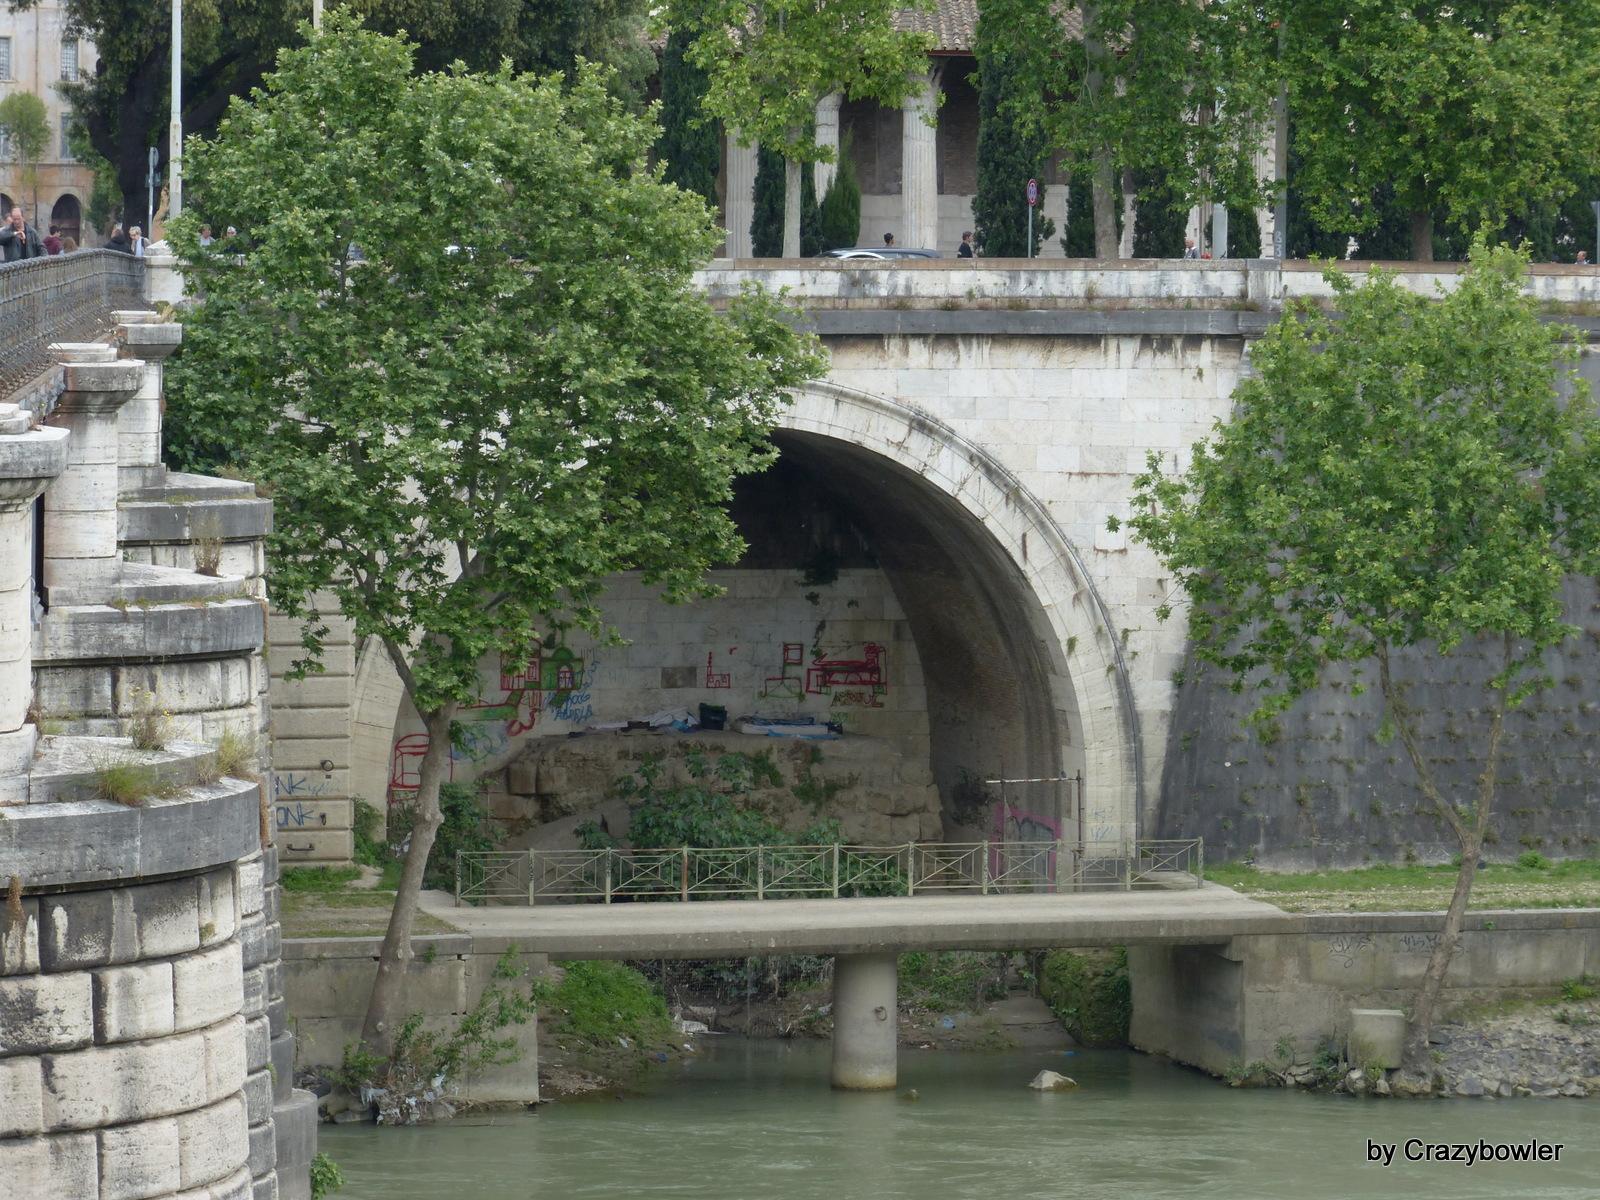 クロアカ・マキシマ(Cloaca Maxima)の排水口